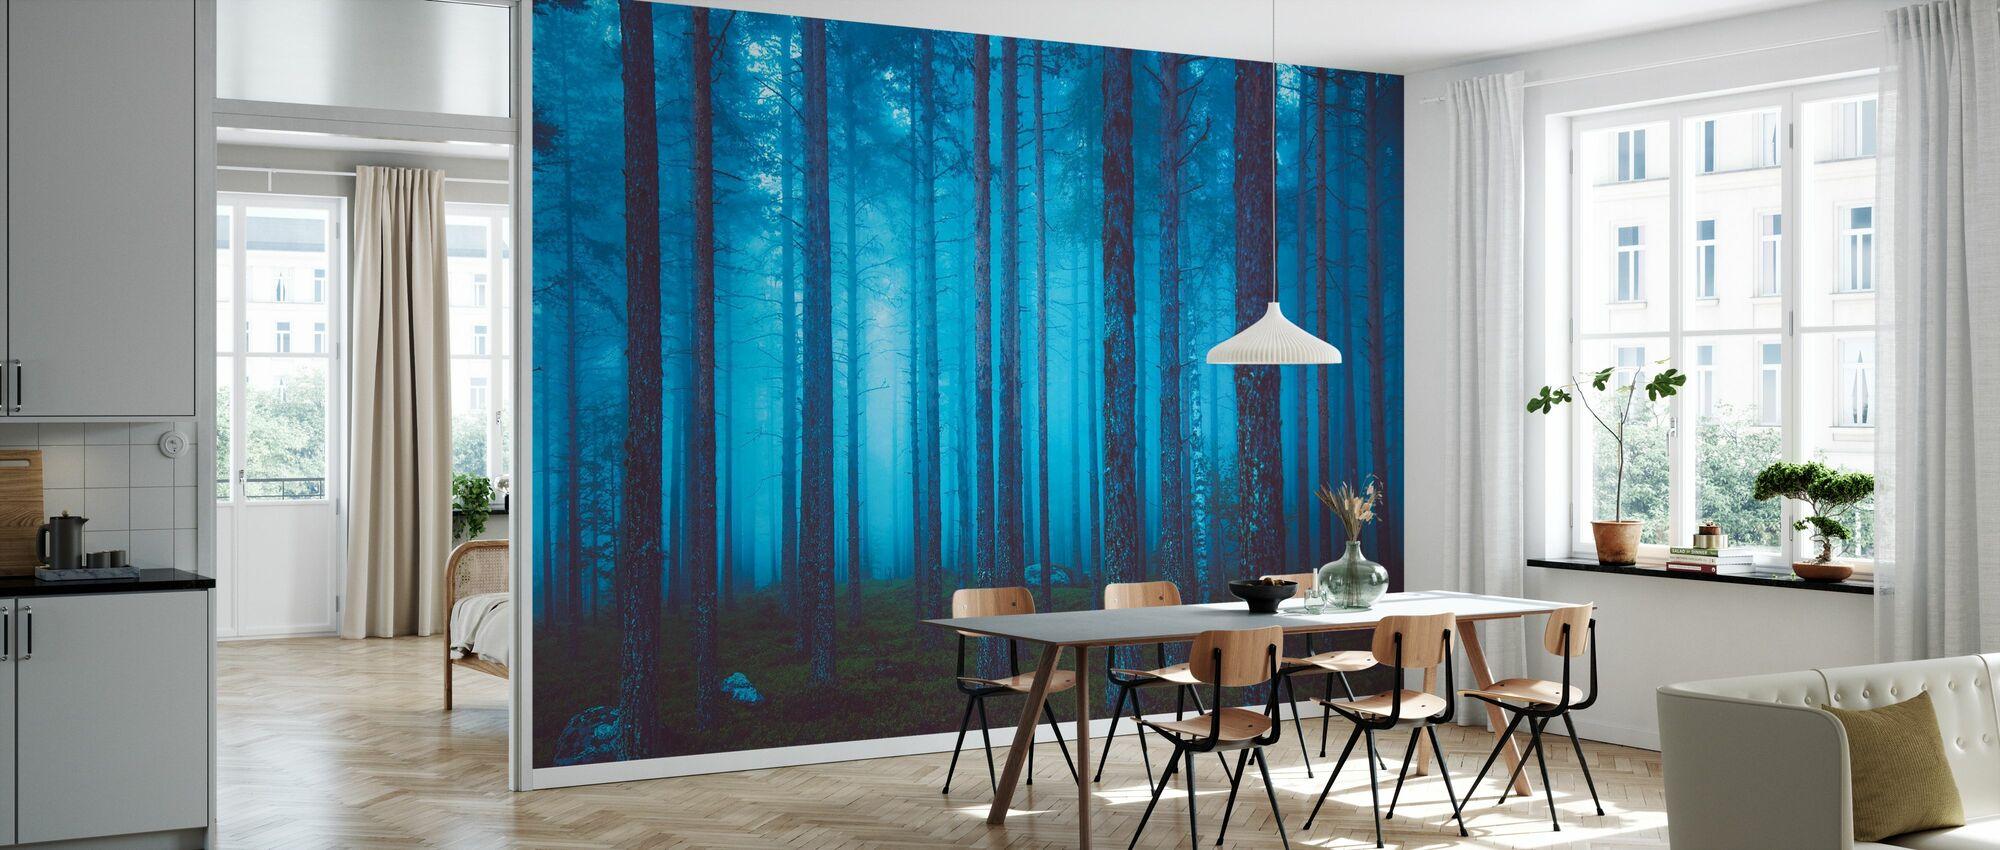 Mystisk skog - Tapet - Kök